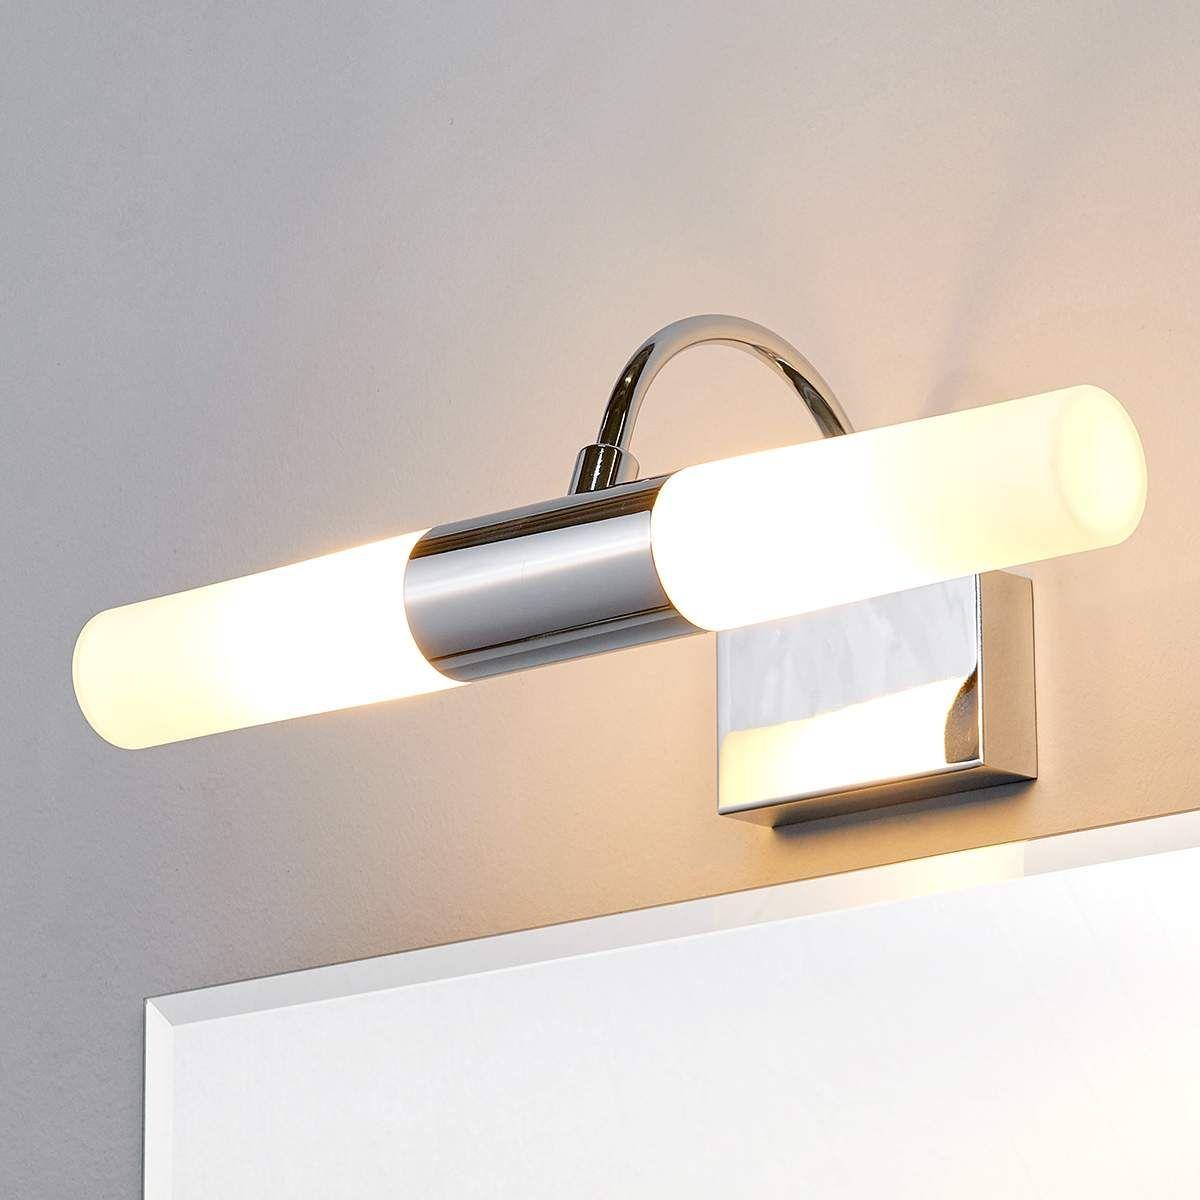 Badezimmer Spiegelleuchte Devran Beleuchteter Spiegel Badezimmerspiegel Beleuchtung Wc Spiegel